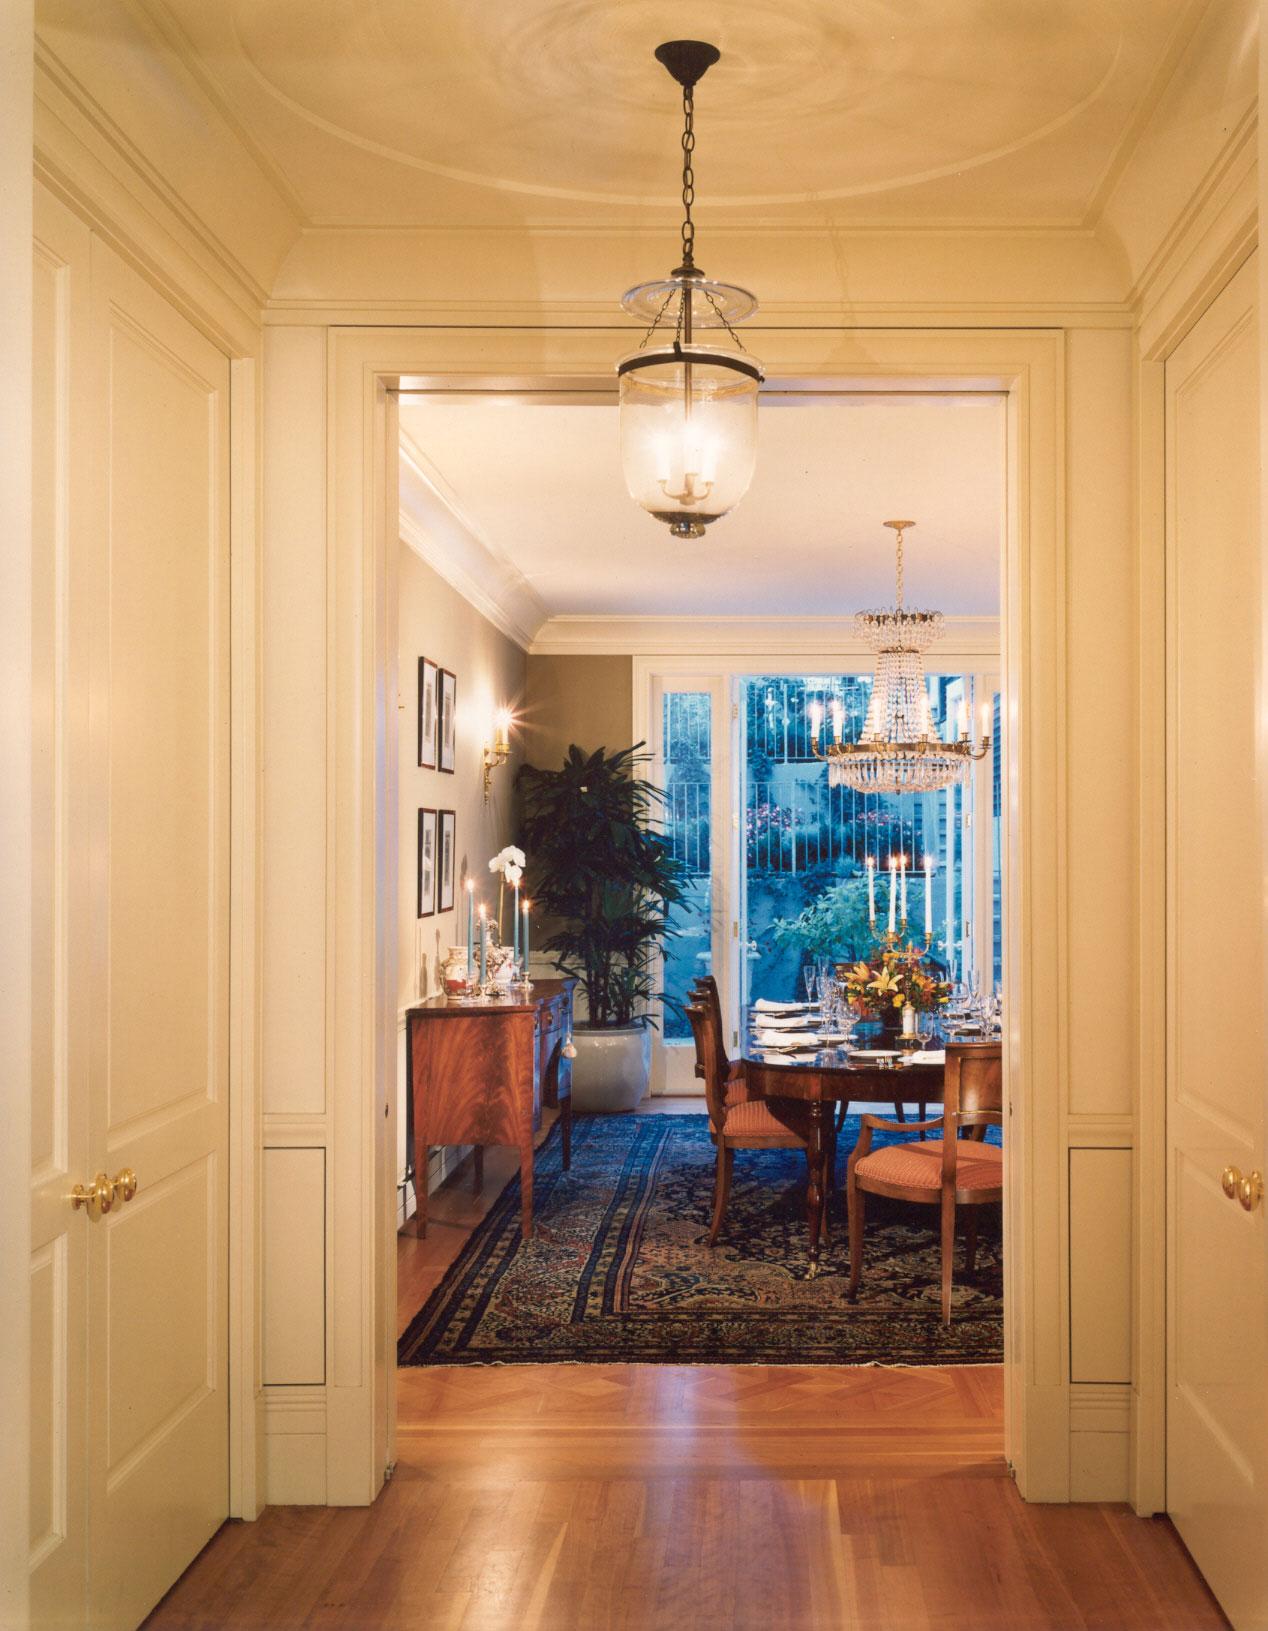 mcinerney-dining-room-entrance.jpg